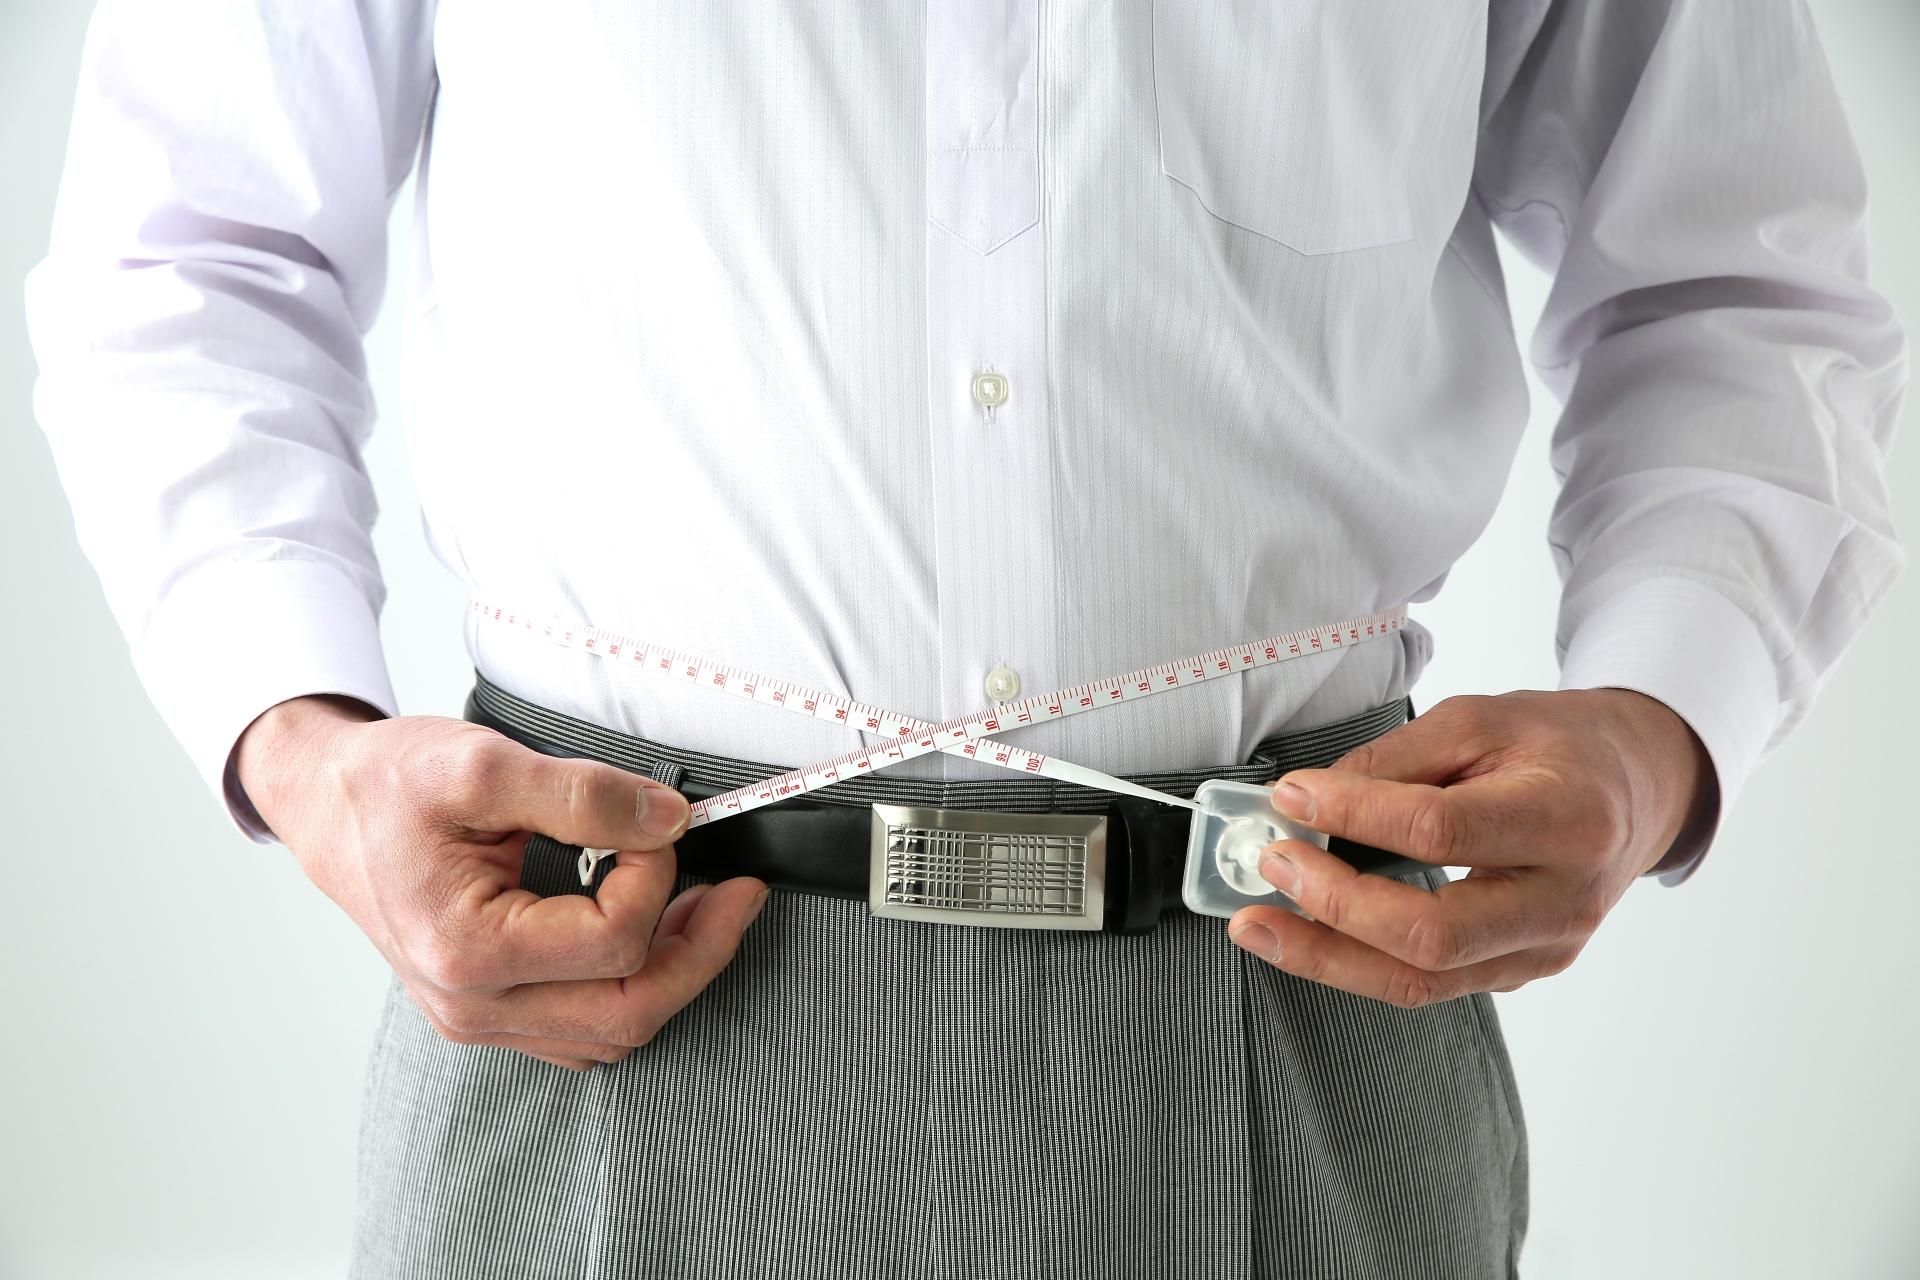 【30代・40代の男性必見!】痩せる最強ダイエットサプリおすすめランキング4選